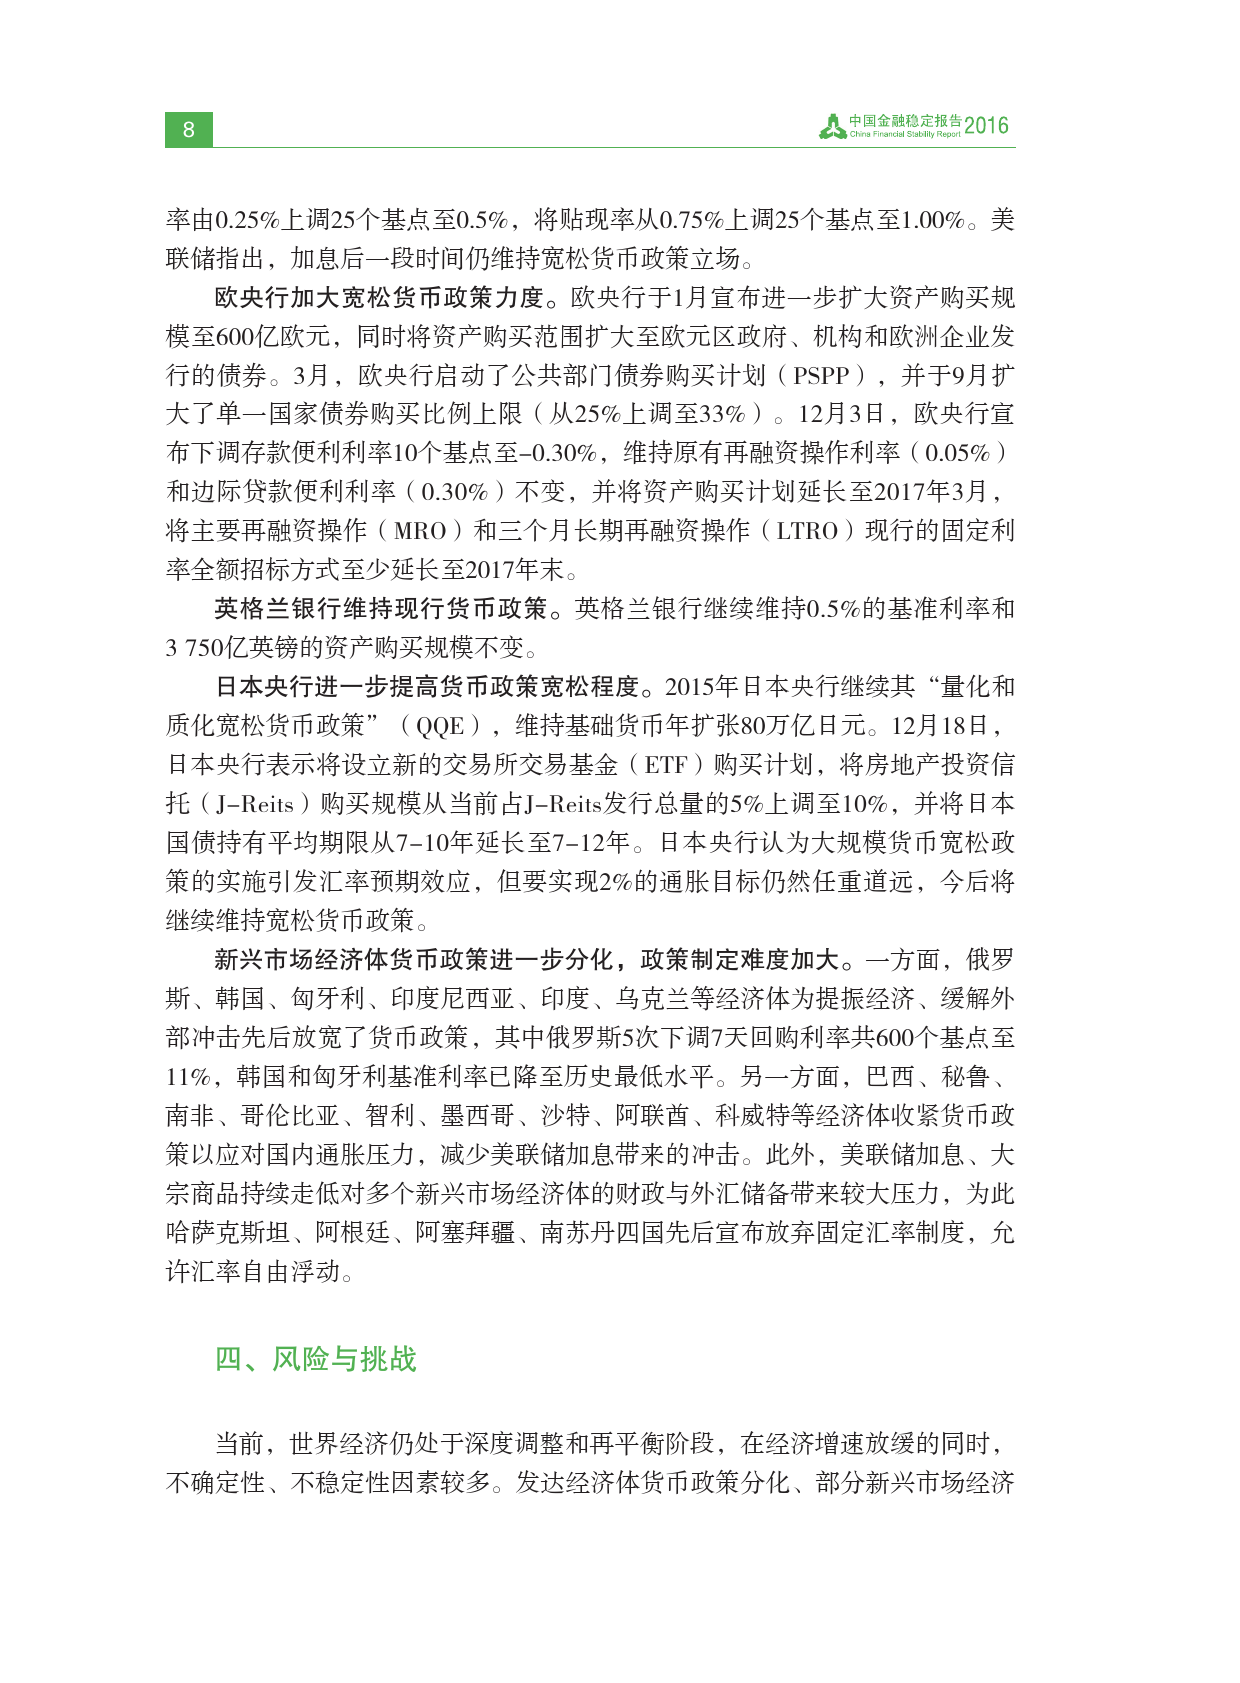 2016年中国金融稳定报告_000018